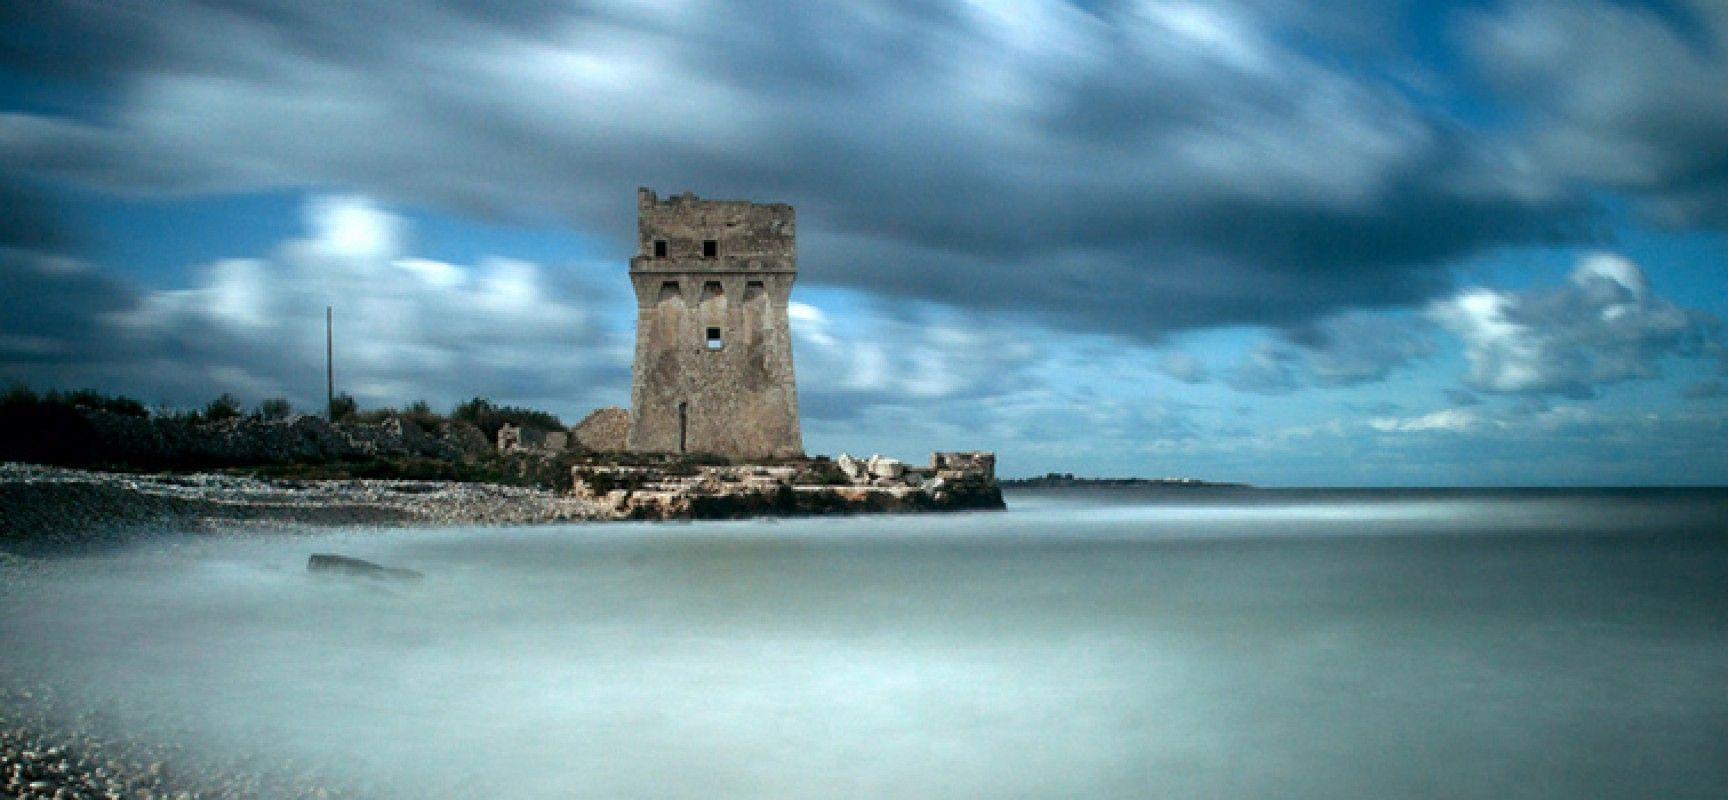 E' un progetto speciale, oserei dire unico, quello del museo sommerso di Torre Calderina che verrà inaugurato il 28 gennaio. Unico come l'Oasi Naturale che ne farà da scenario....  leggi tutto : http://www.olioelianto.it/modules/plblog/frontent/details.php?plcn=davisitare&plidp=253&plpn=museo-marino-artistico-molfetta-puglia  #Elianto